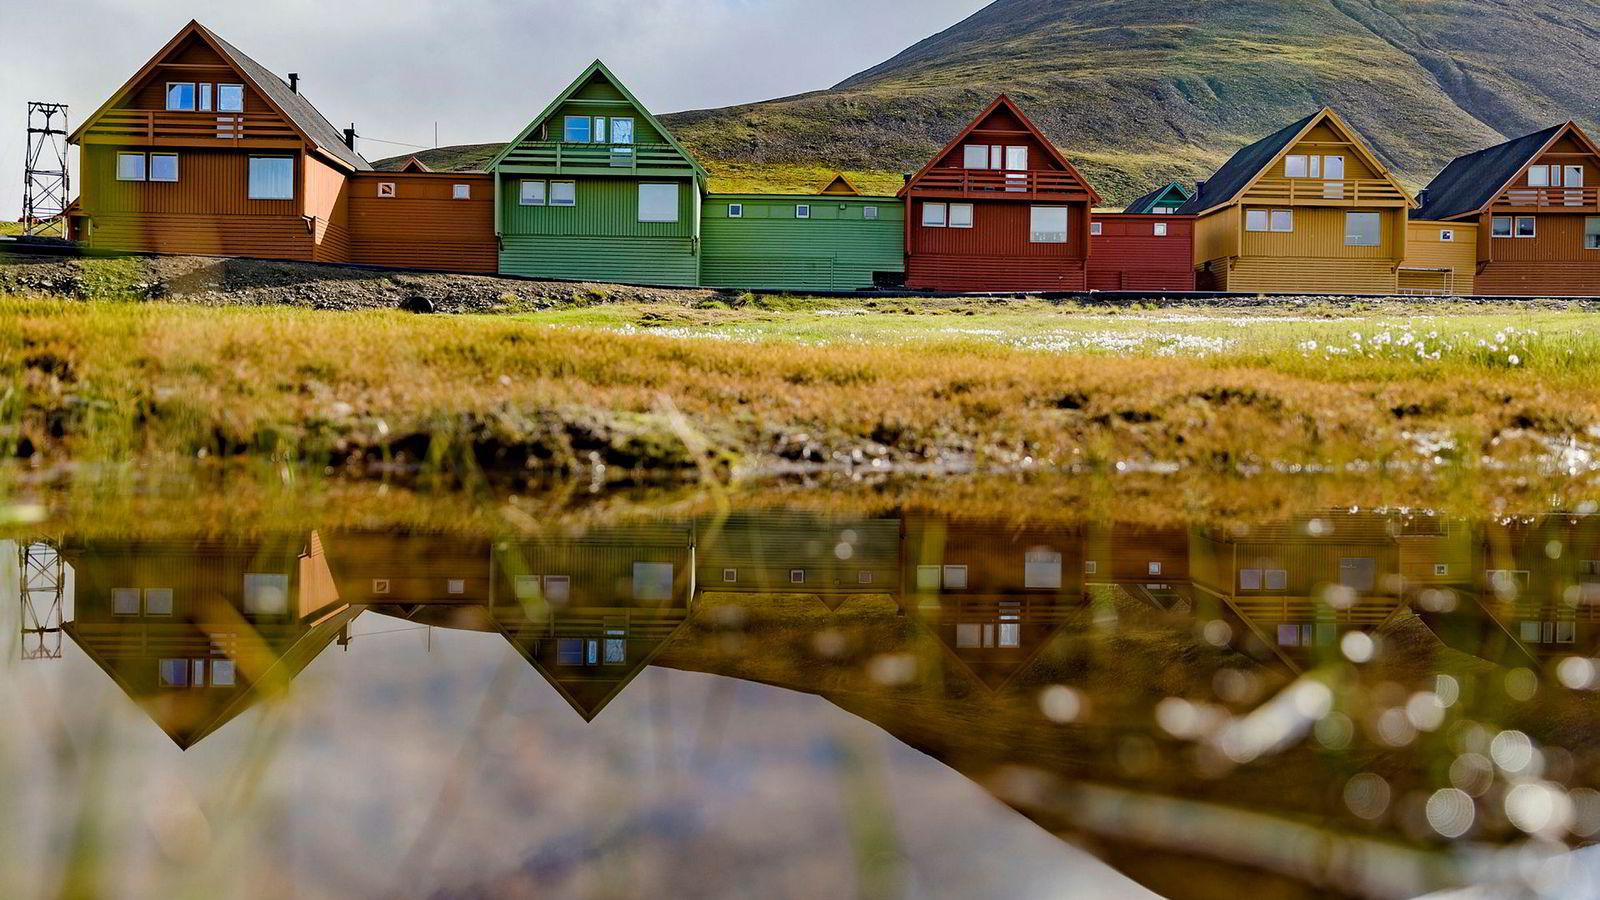 Tross kunnskap om klimaendringer, og hvordan grunnarbeid og bygging på permafrost raskt kan ødelegge permafrosten, bygges det fremdeles på Svalbard uten å ta tilstrekkelig hensyn til disse forholdene.